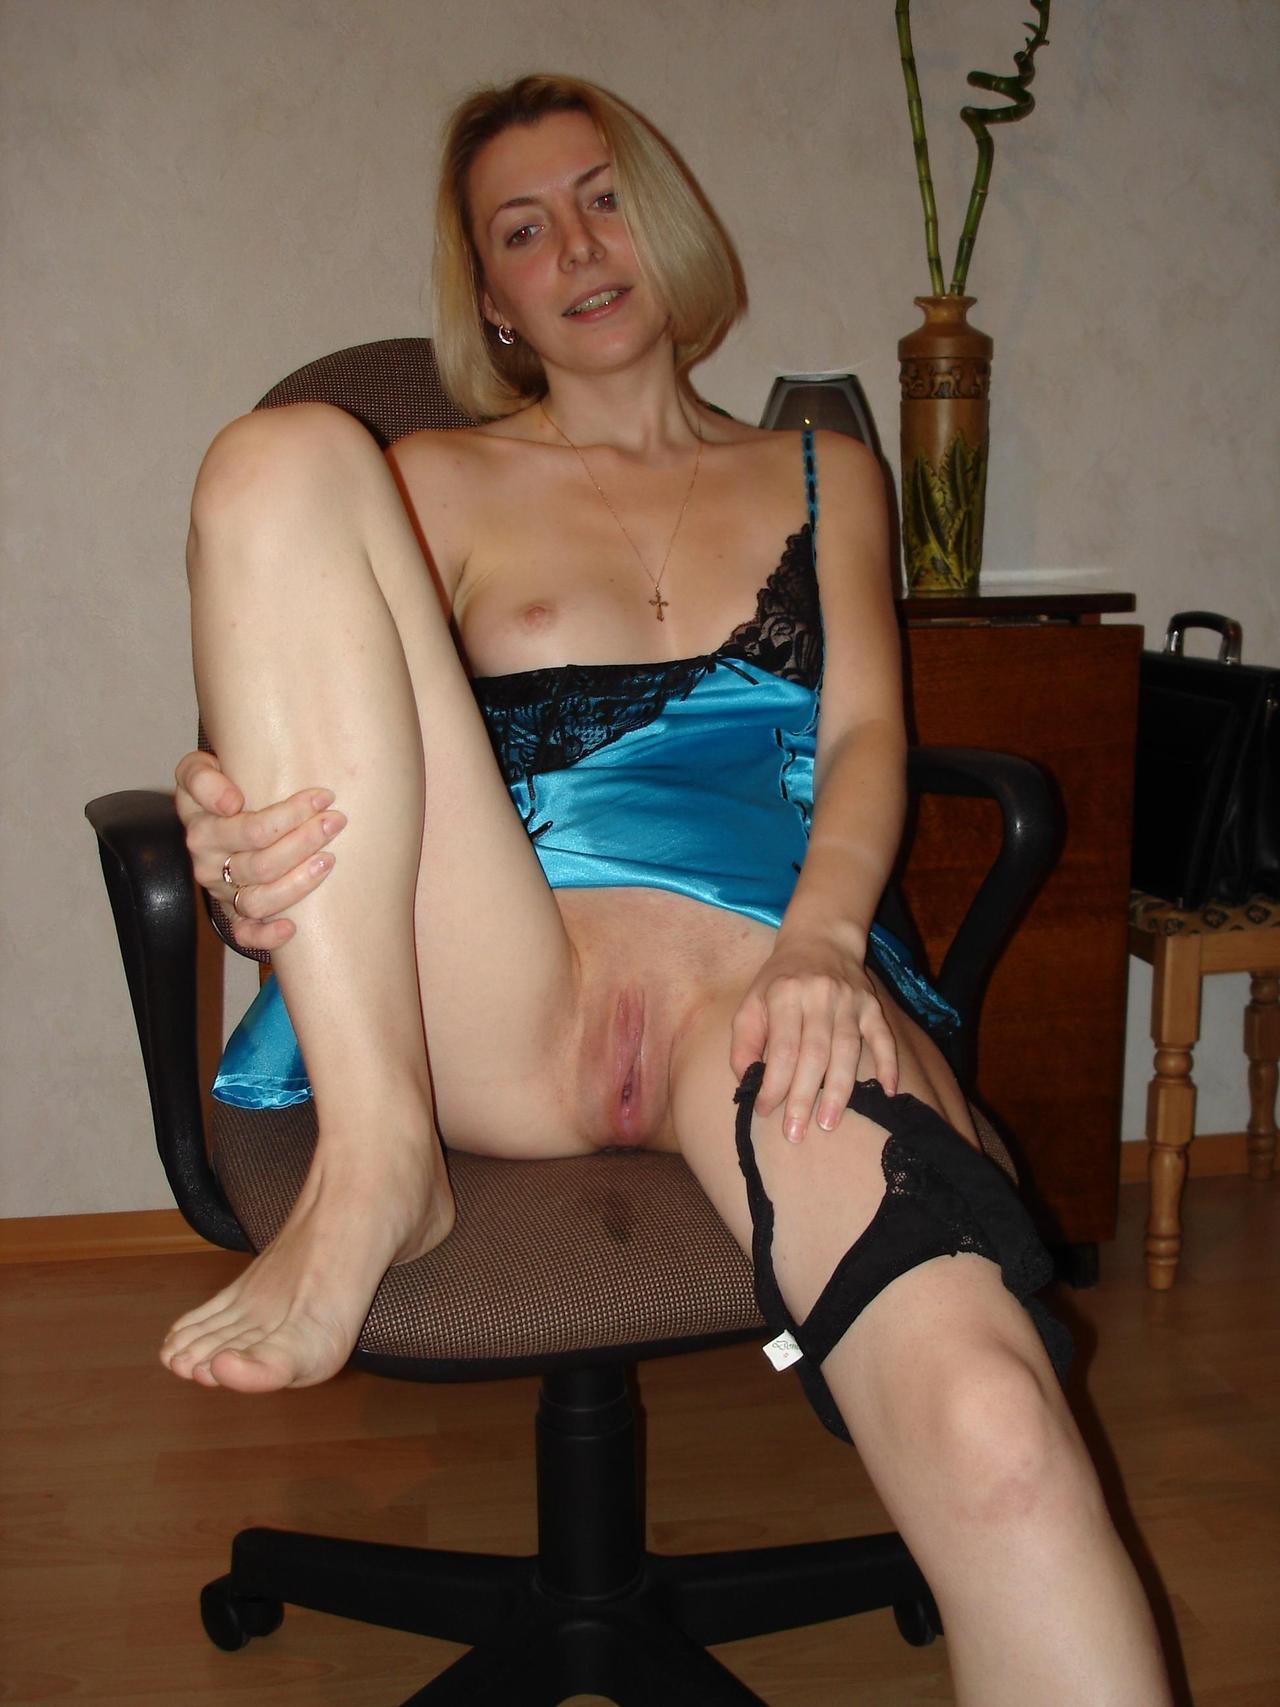 tumblr public vagina